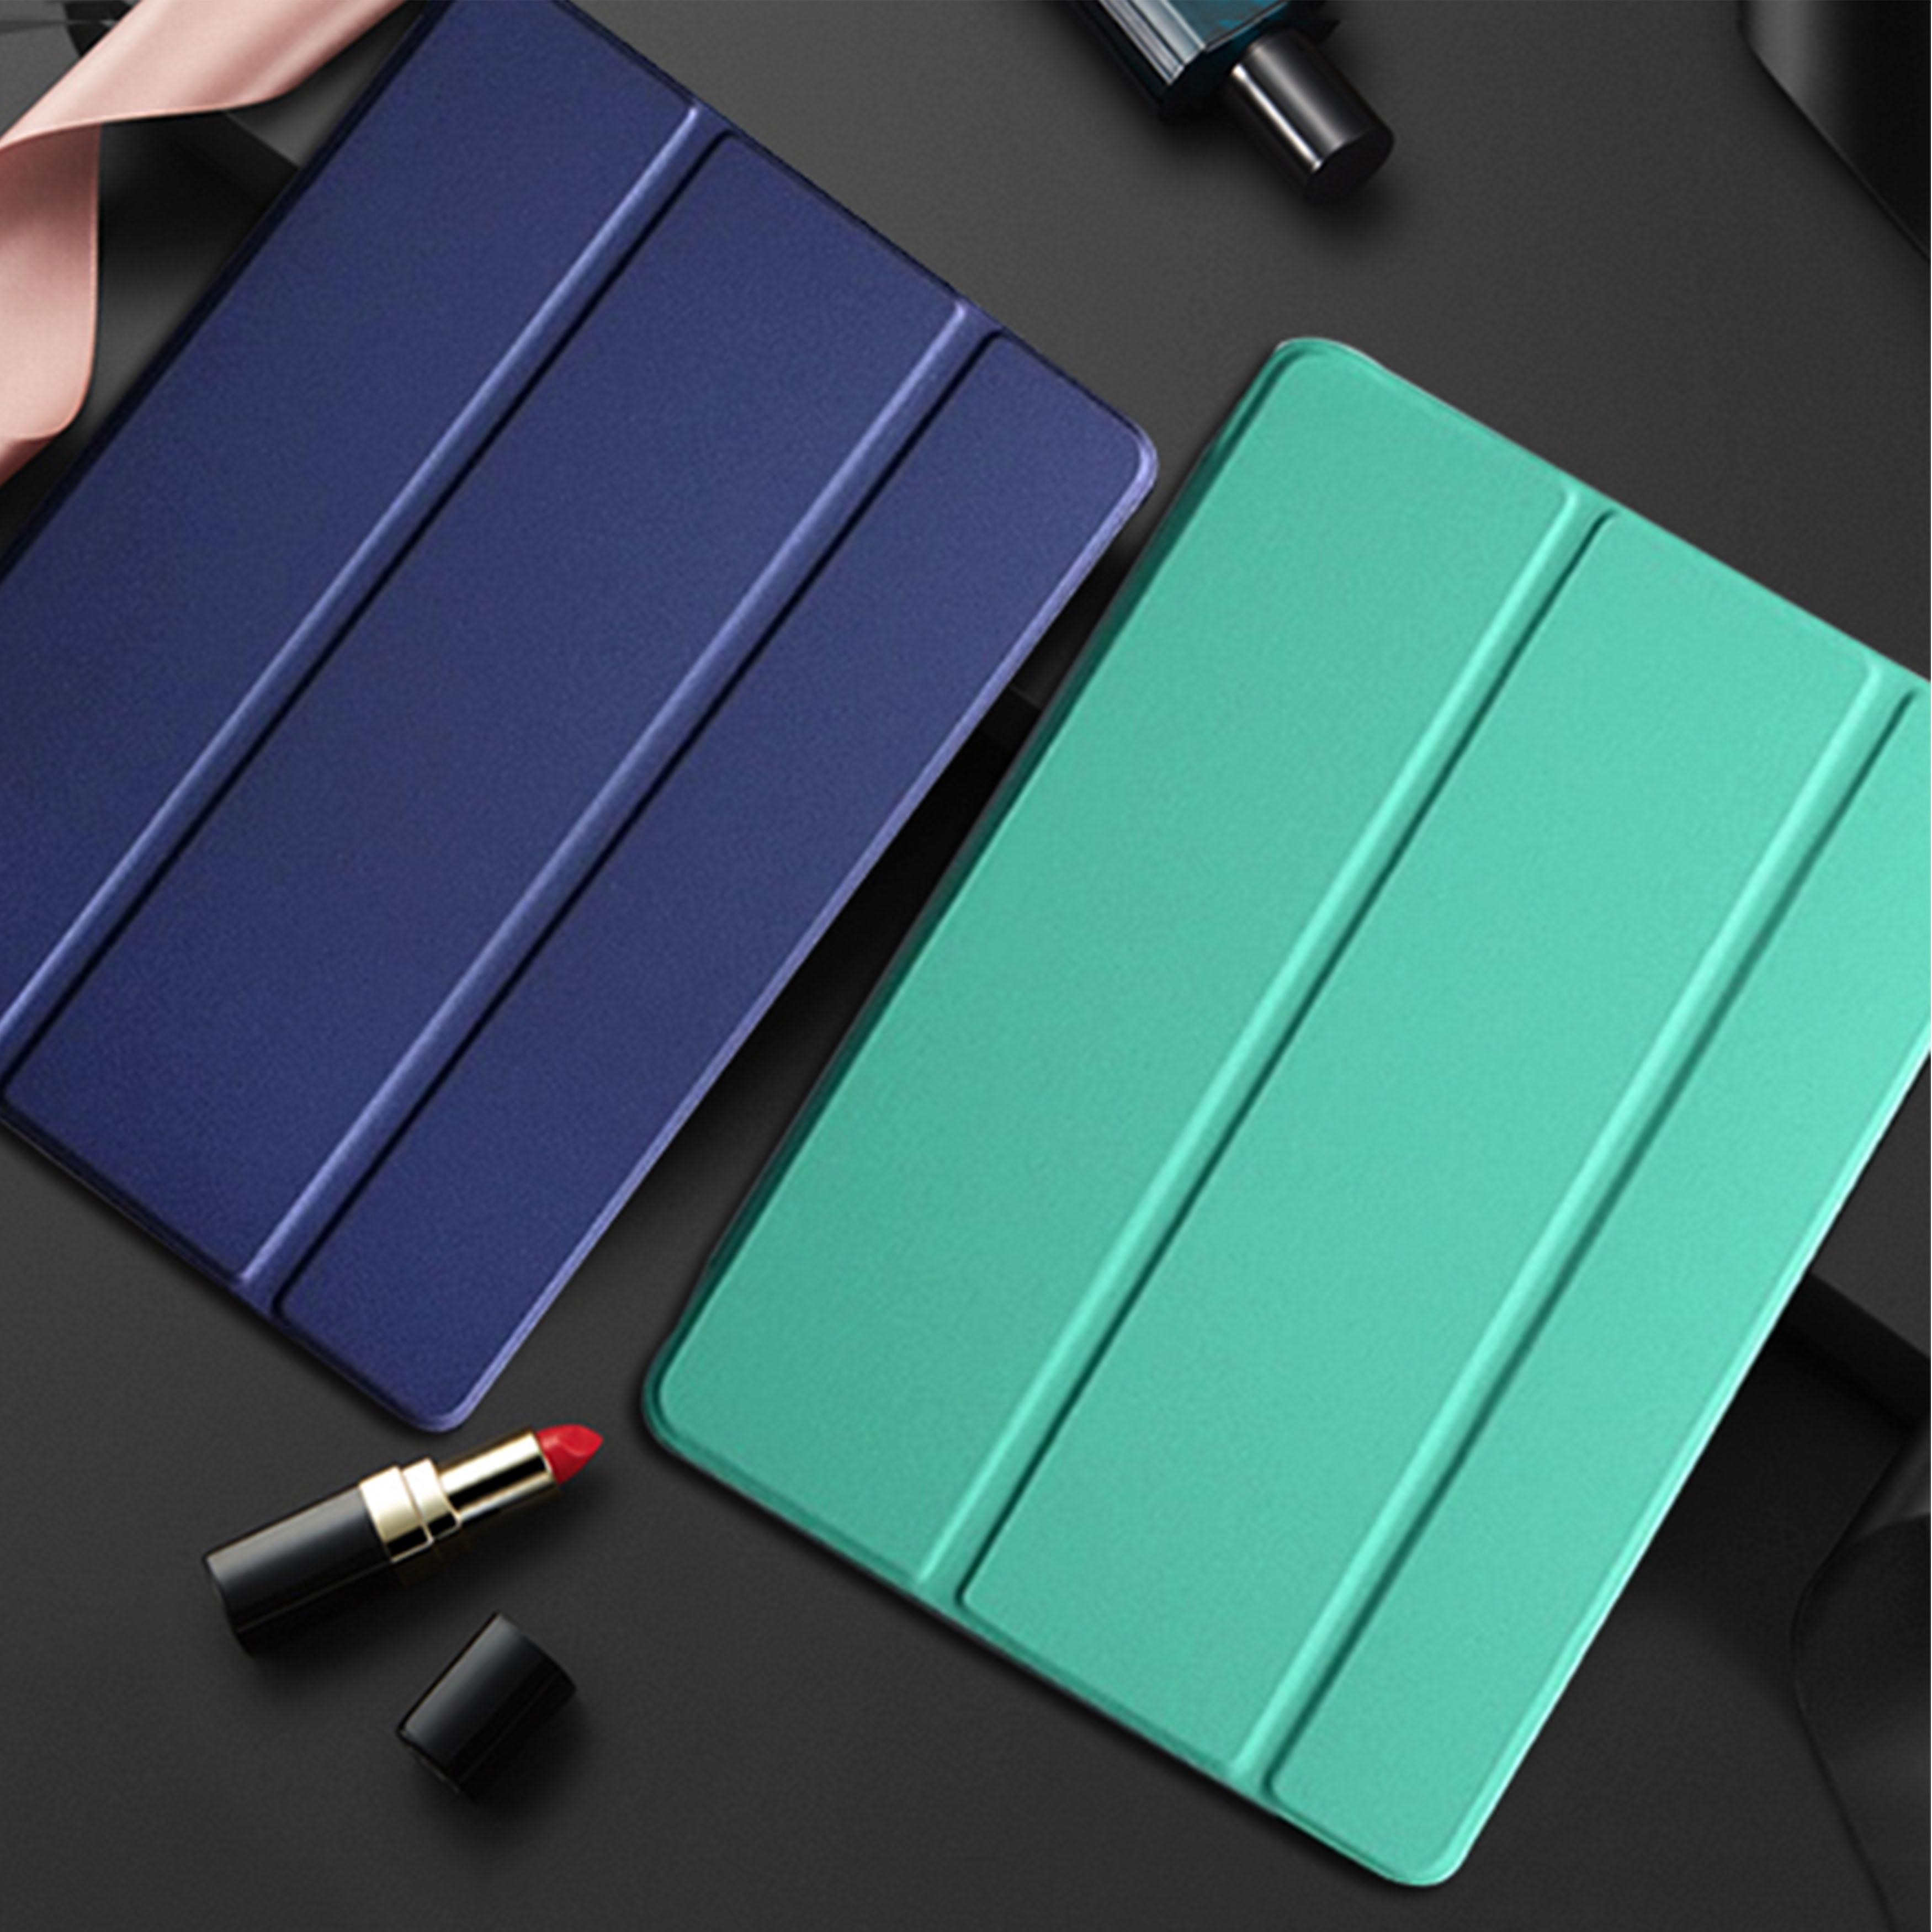 Case For Huawei MediaPad T3 7.0 Inch 3G Version BG2-U03 BG2-U01 7